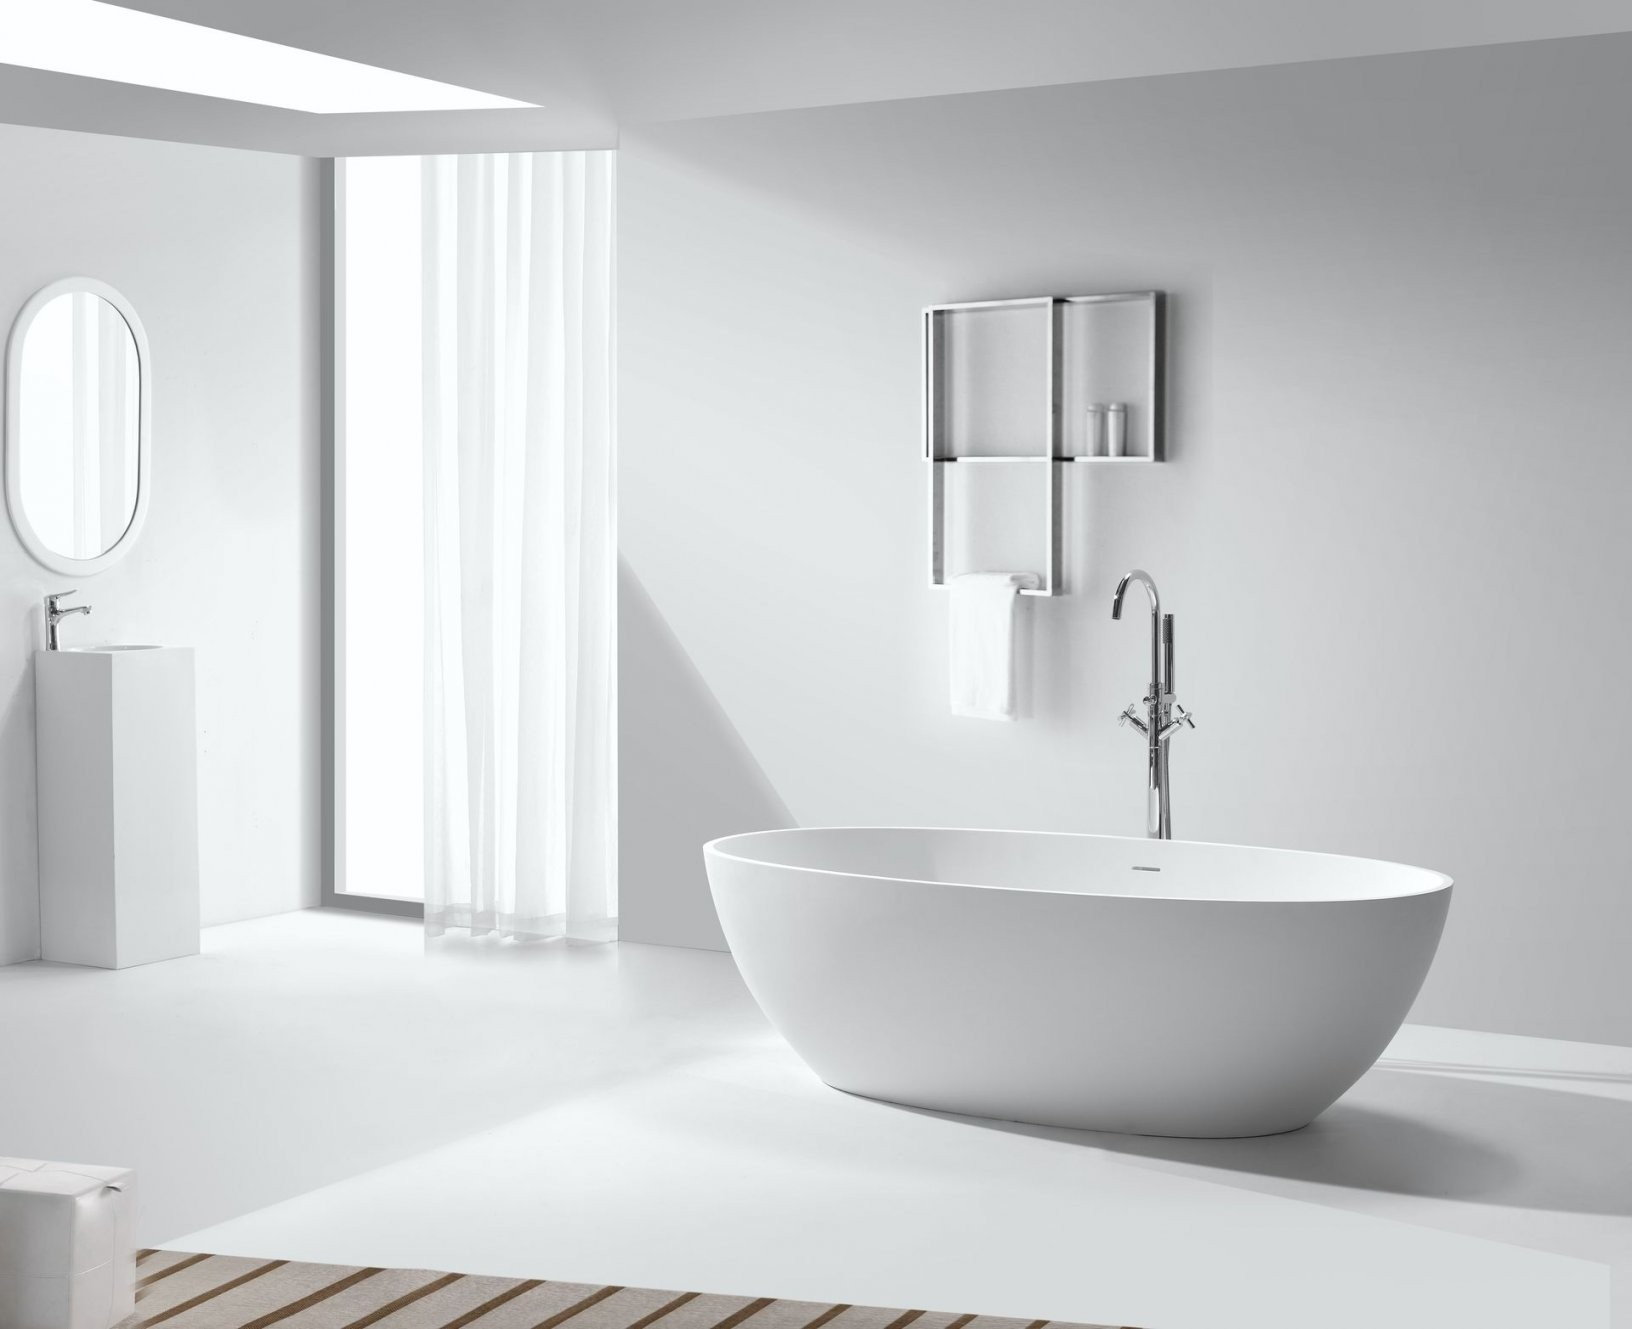 Freistehende Badewanne Bwix120 von Kleine Badewannen Freistehend Bild